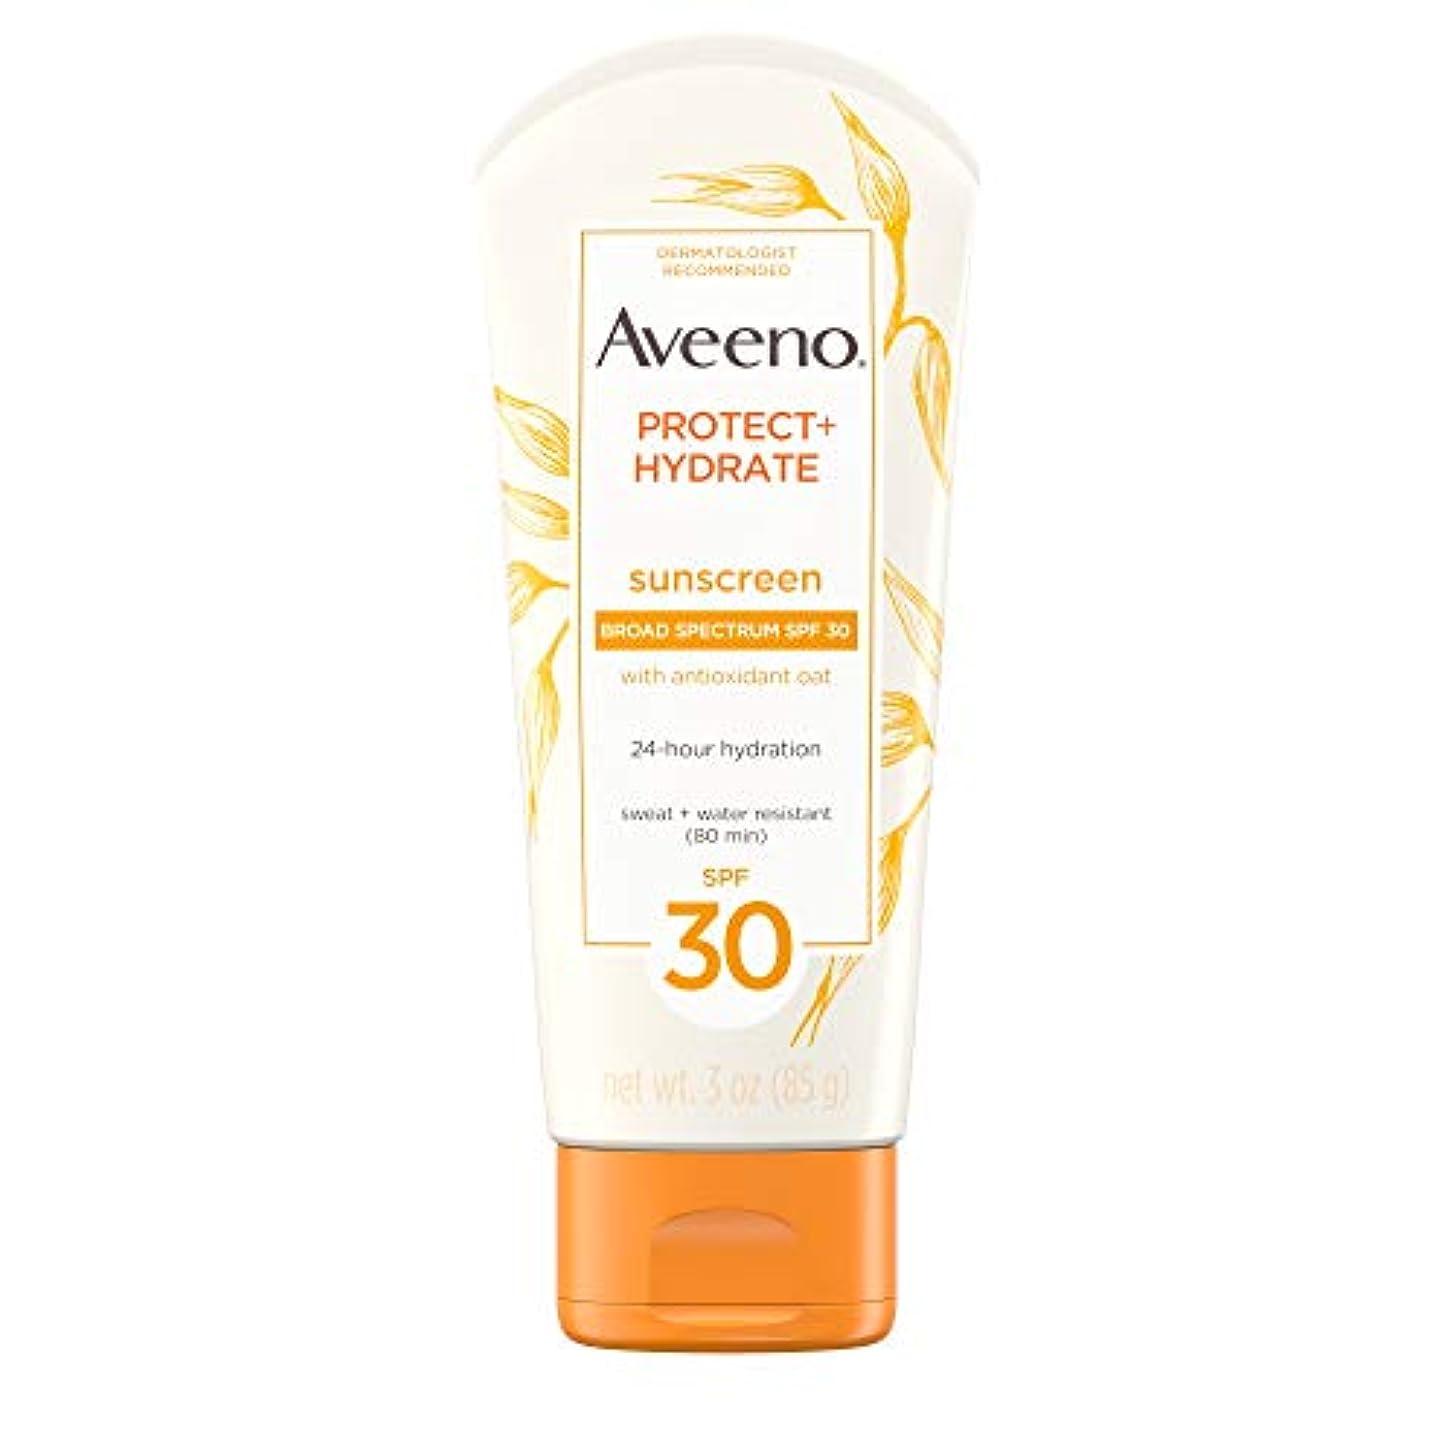 スペクトラムマリンに沿ってAveeno アビーノ 日焼け止め ローションSPF-30 protect+hydrate Sunscreen Lotion(平行輸入品) 85g (3Oz)